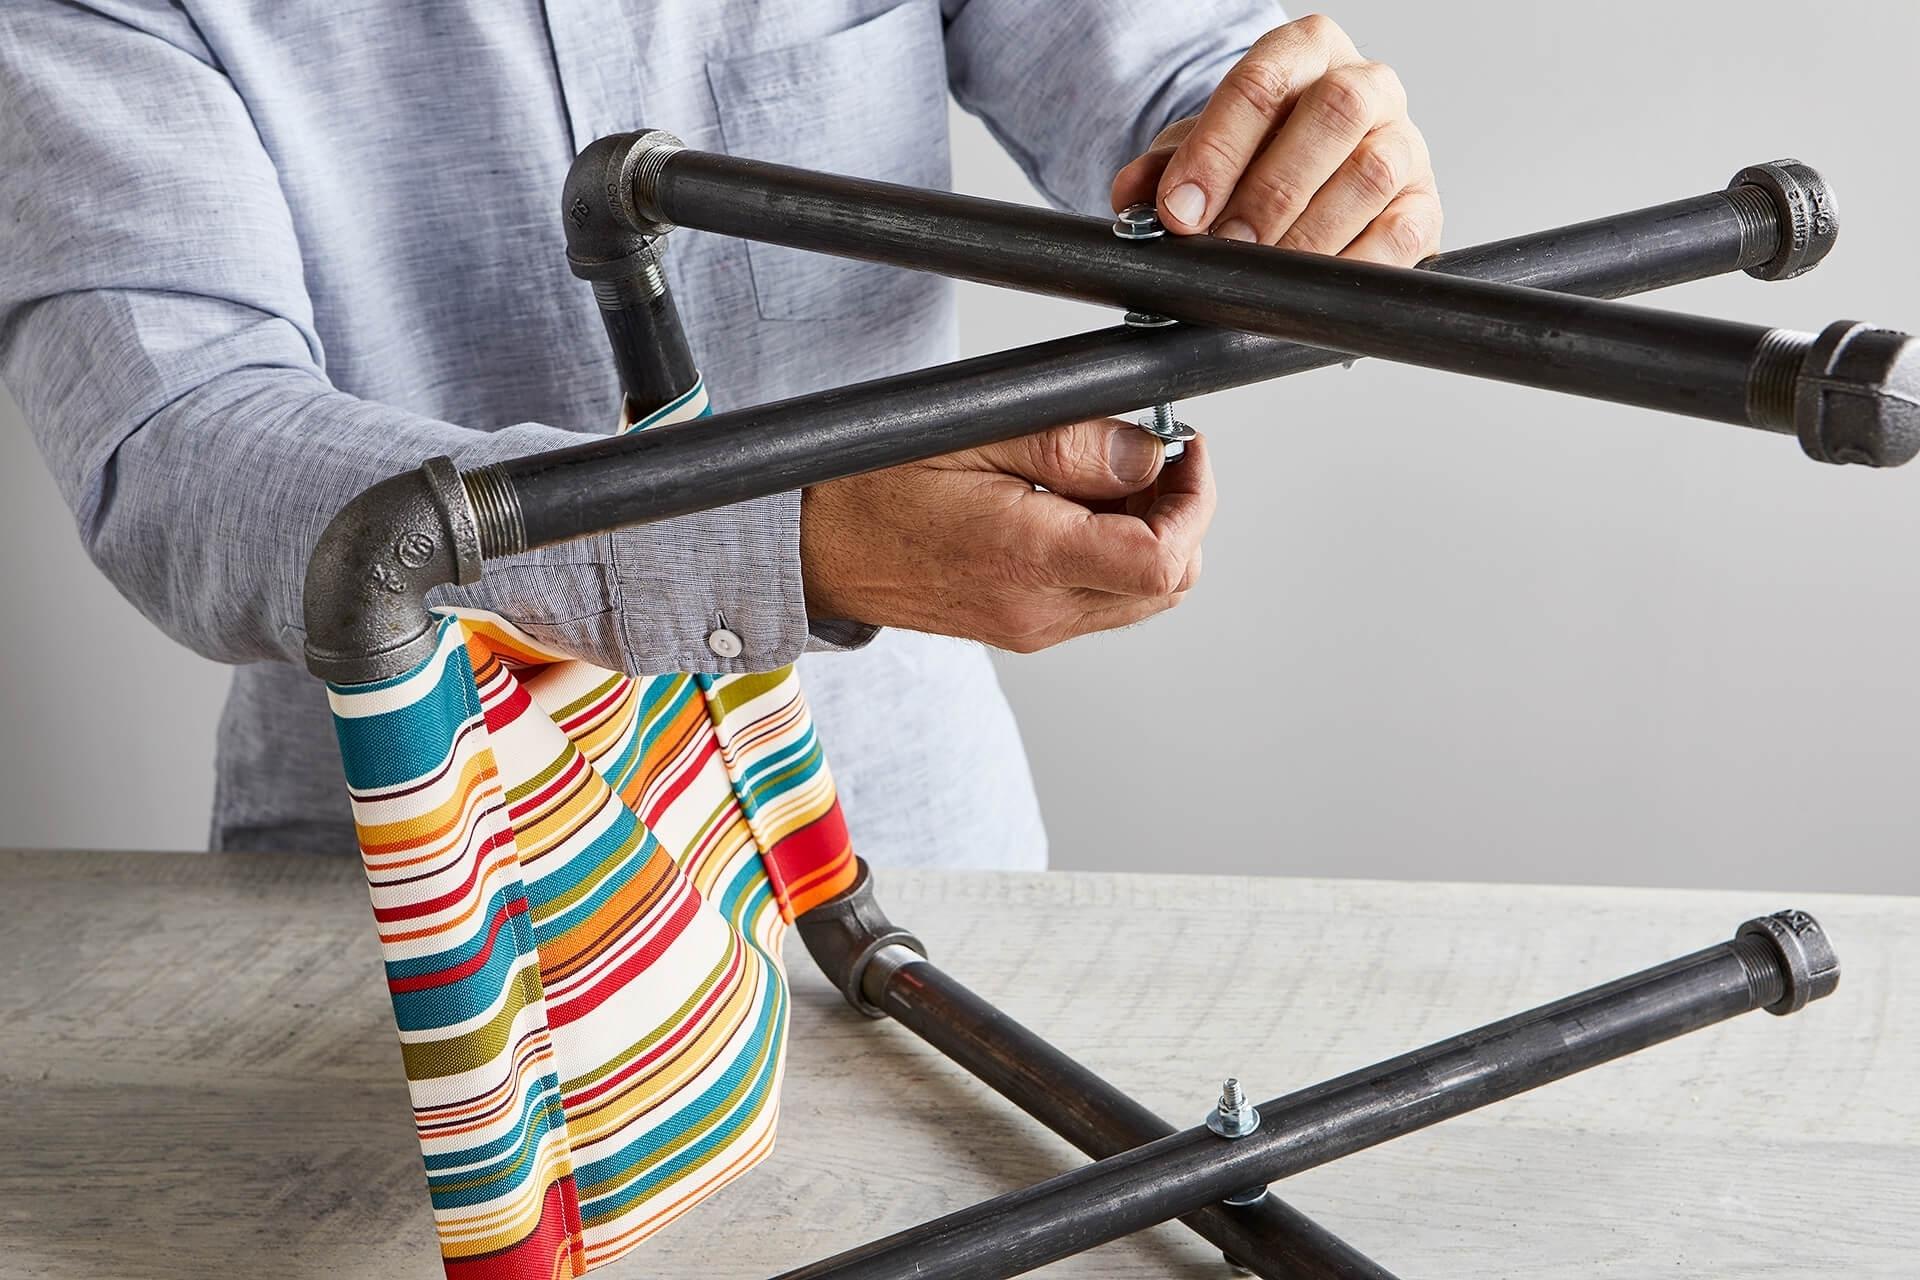 Мастер-класс: раскладной табурет из ненужных водопроводных труб для дома и дачи,мастер-класс